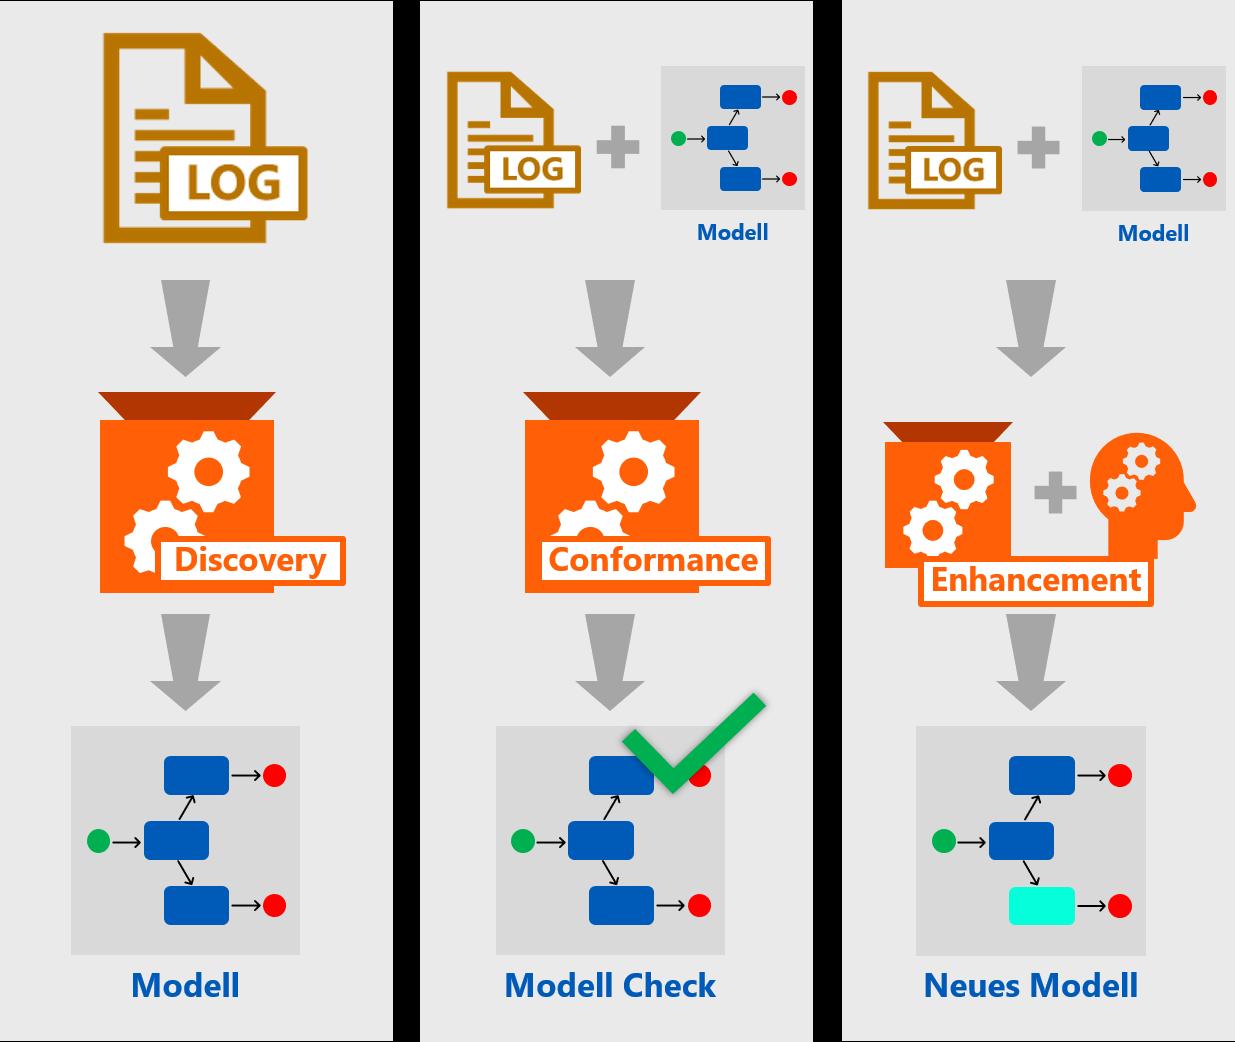 Abbildung 1: Die drei Arten des Process Mining: Discovery, Conformance Check und Enhancement, definiert über Input und Output.   Quelle: Finbridge GmbH & Co KG in Anlehnung an [2]